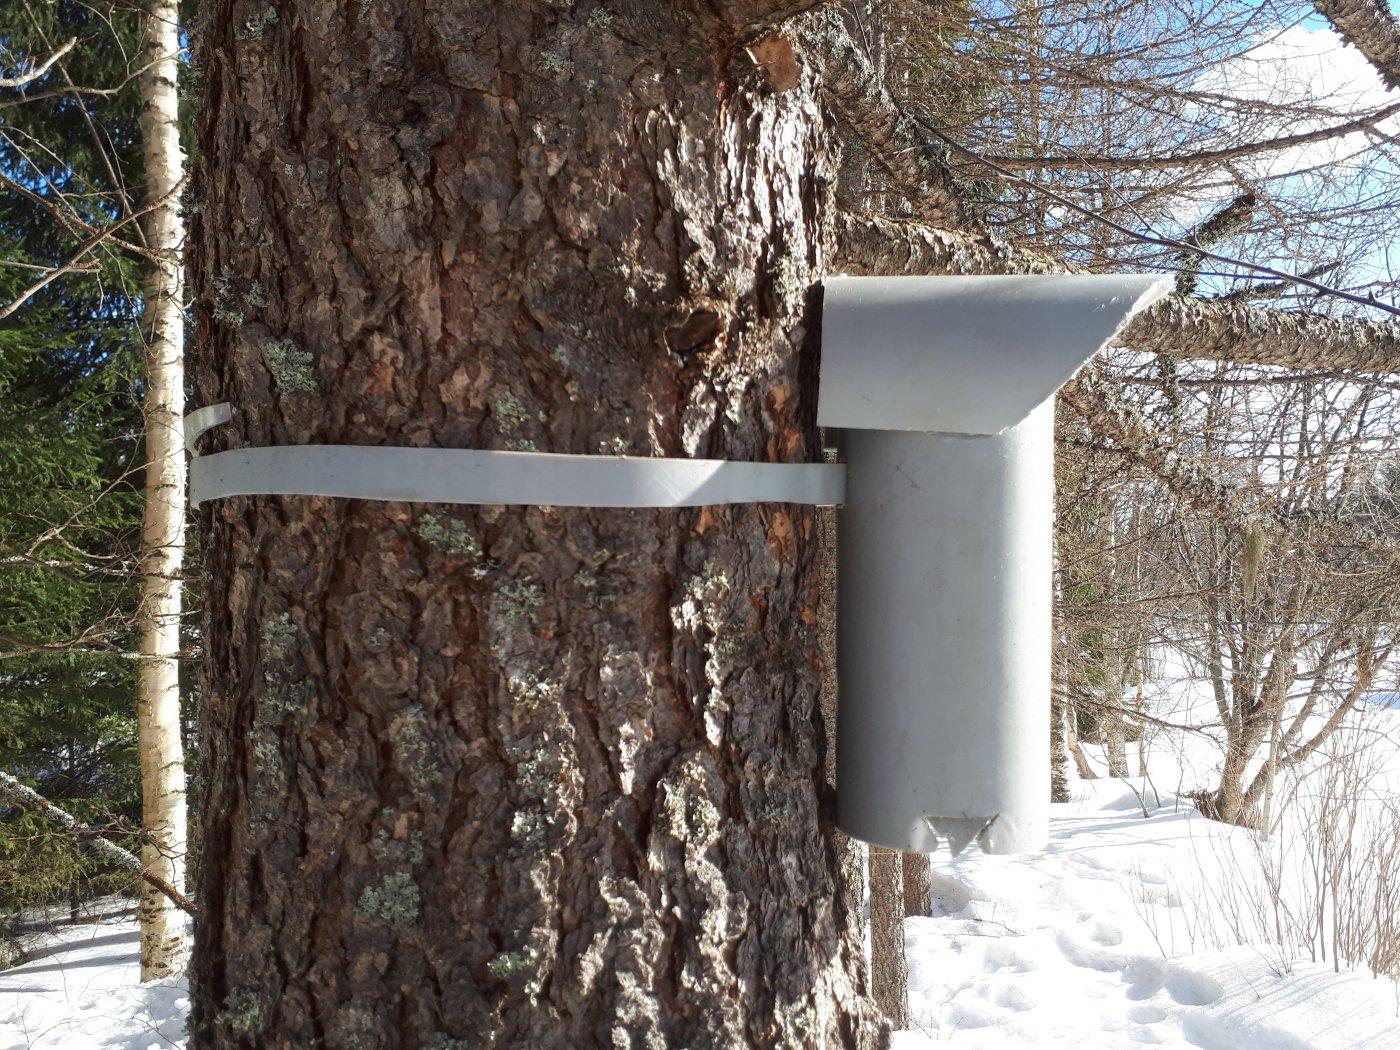 Linnunpöntön Kiinnitys Puuhun